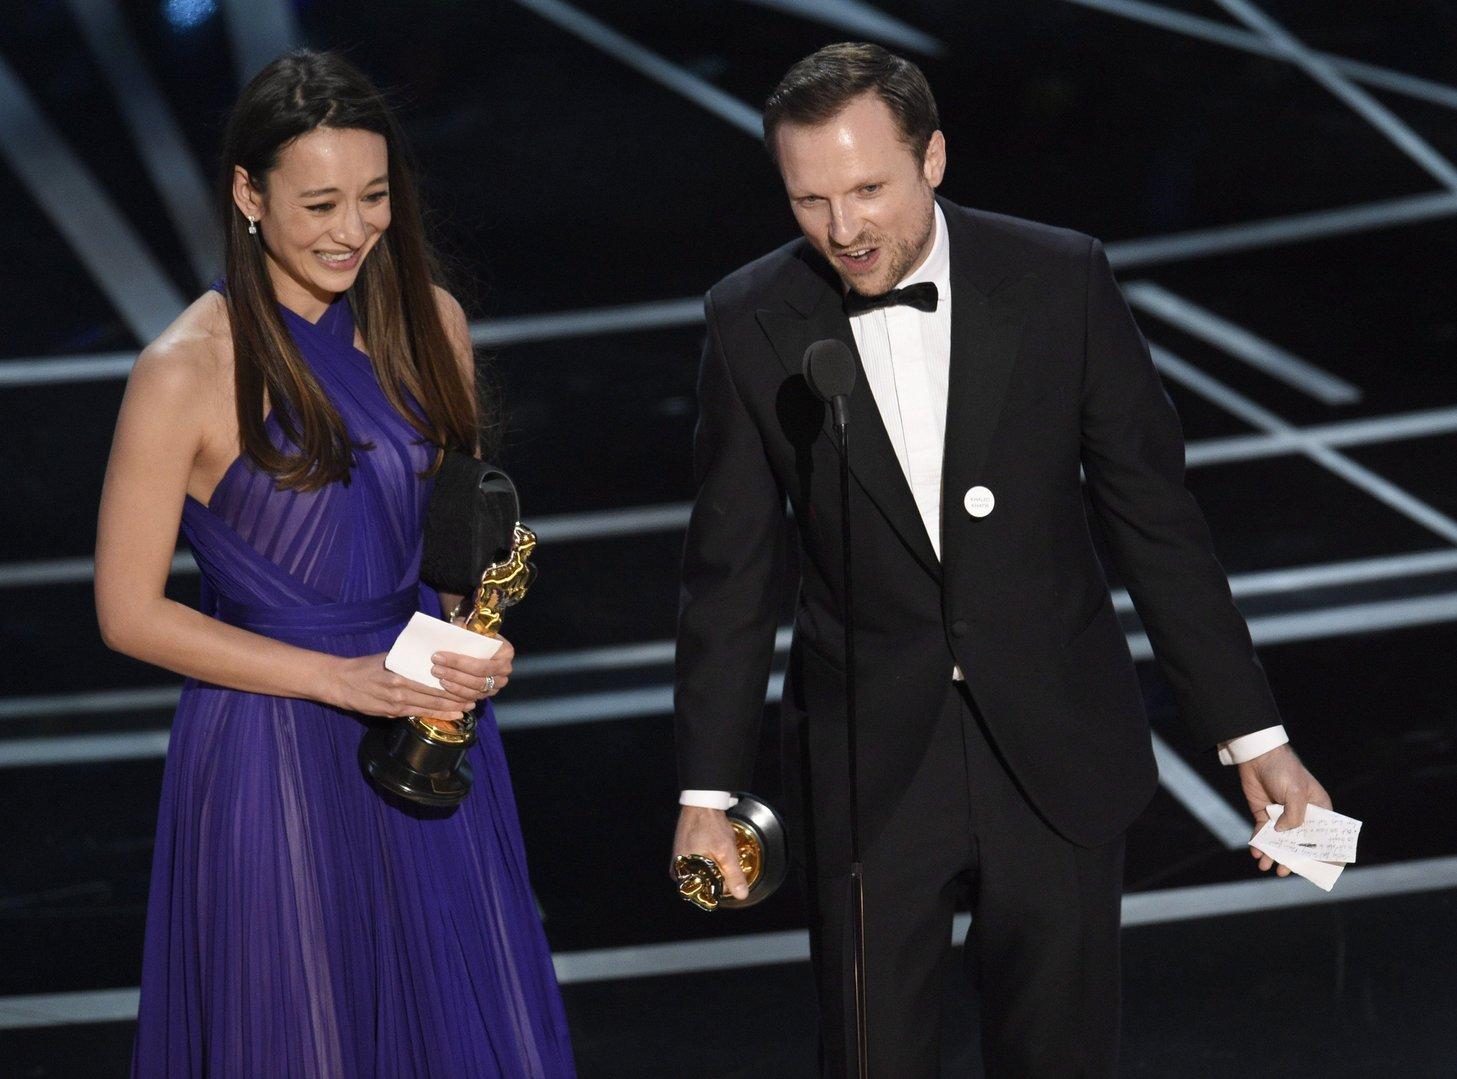 Los Angeles, 2017. február 27. Joanna Natasegara (b) és Orlando von Einsiedel filmrendezők a legjobb rövid dokumentumfilmnek járó díjjal a 89. Oscar-gálán a Los Angeles-i Dolby Színházban 2017. február 26-án. Natasegara és Orlando Von Einsiedel a The White Helmets című filmjükért részesült az elismerésben.  (MTI/AP/Chris Pizzello)